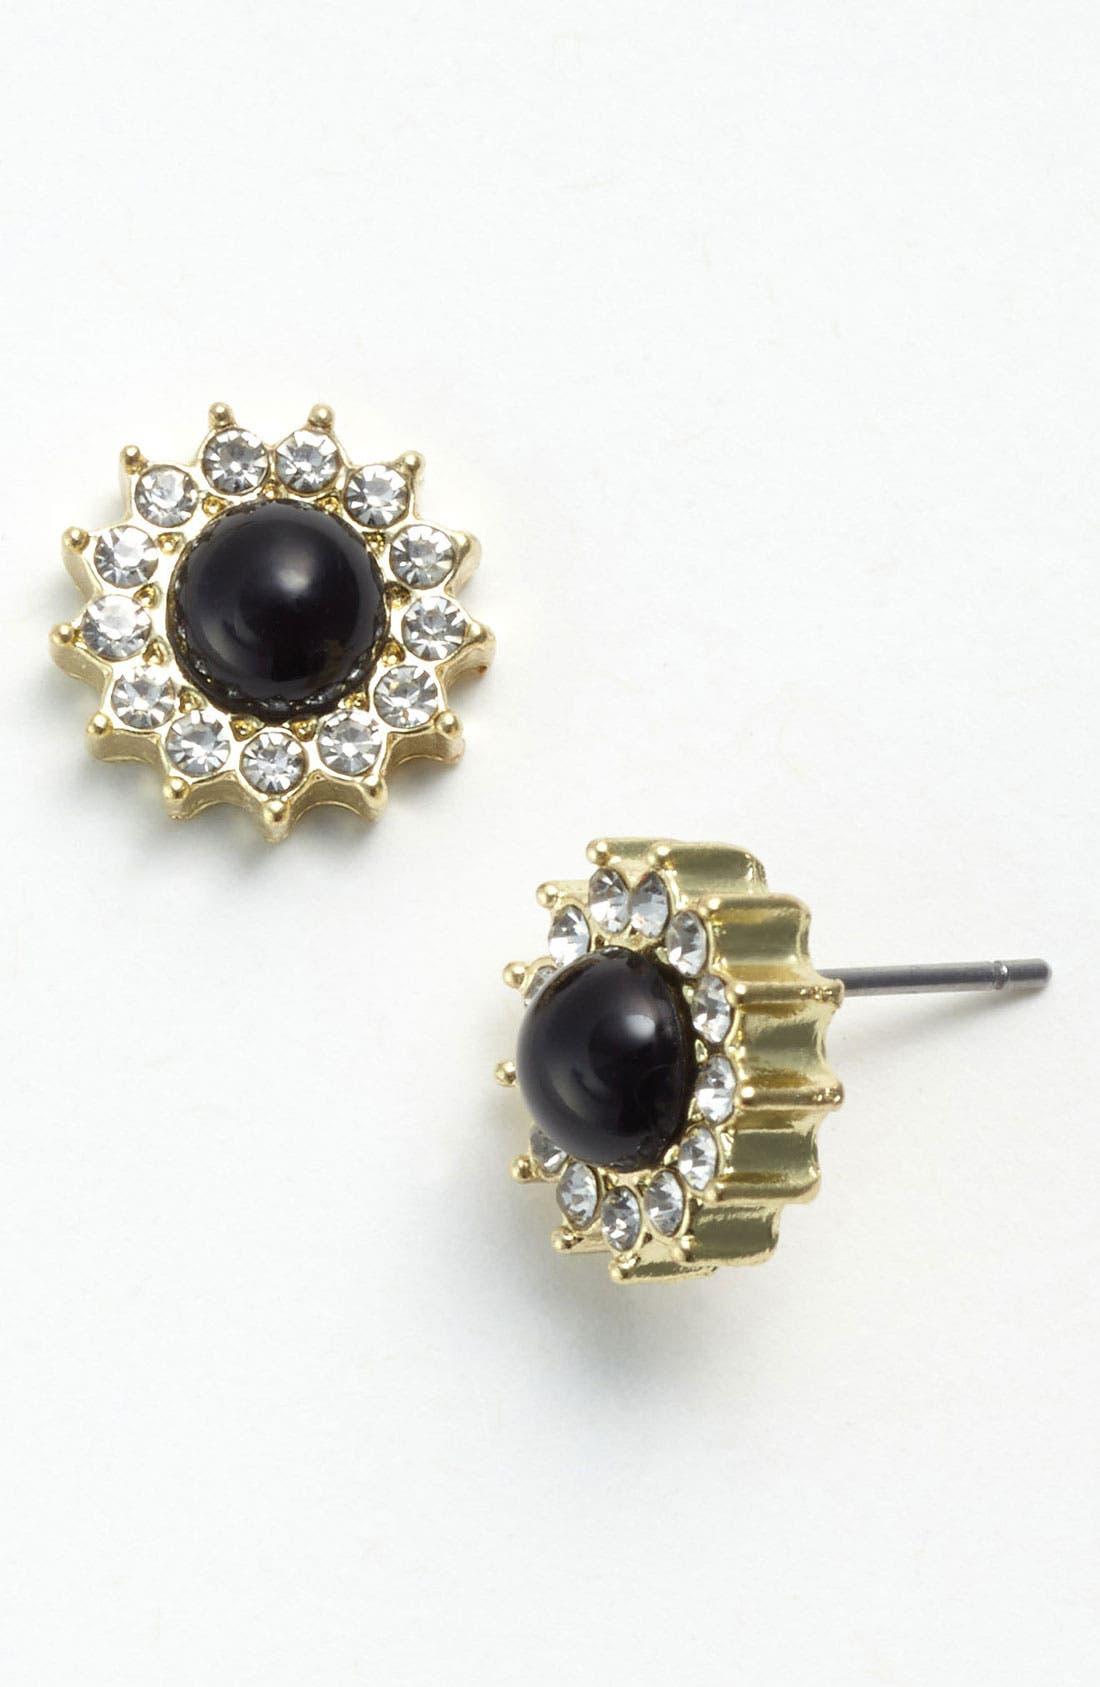 Main Image - BP. Rhinestone Starburst Stud Earrings